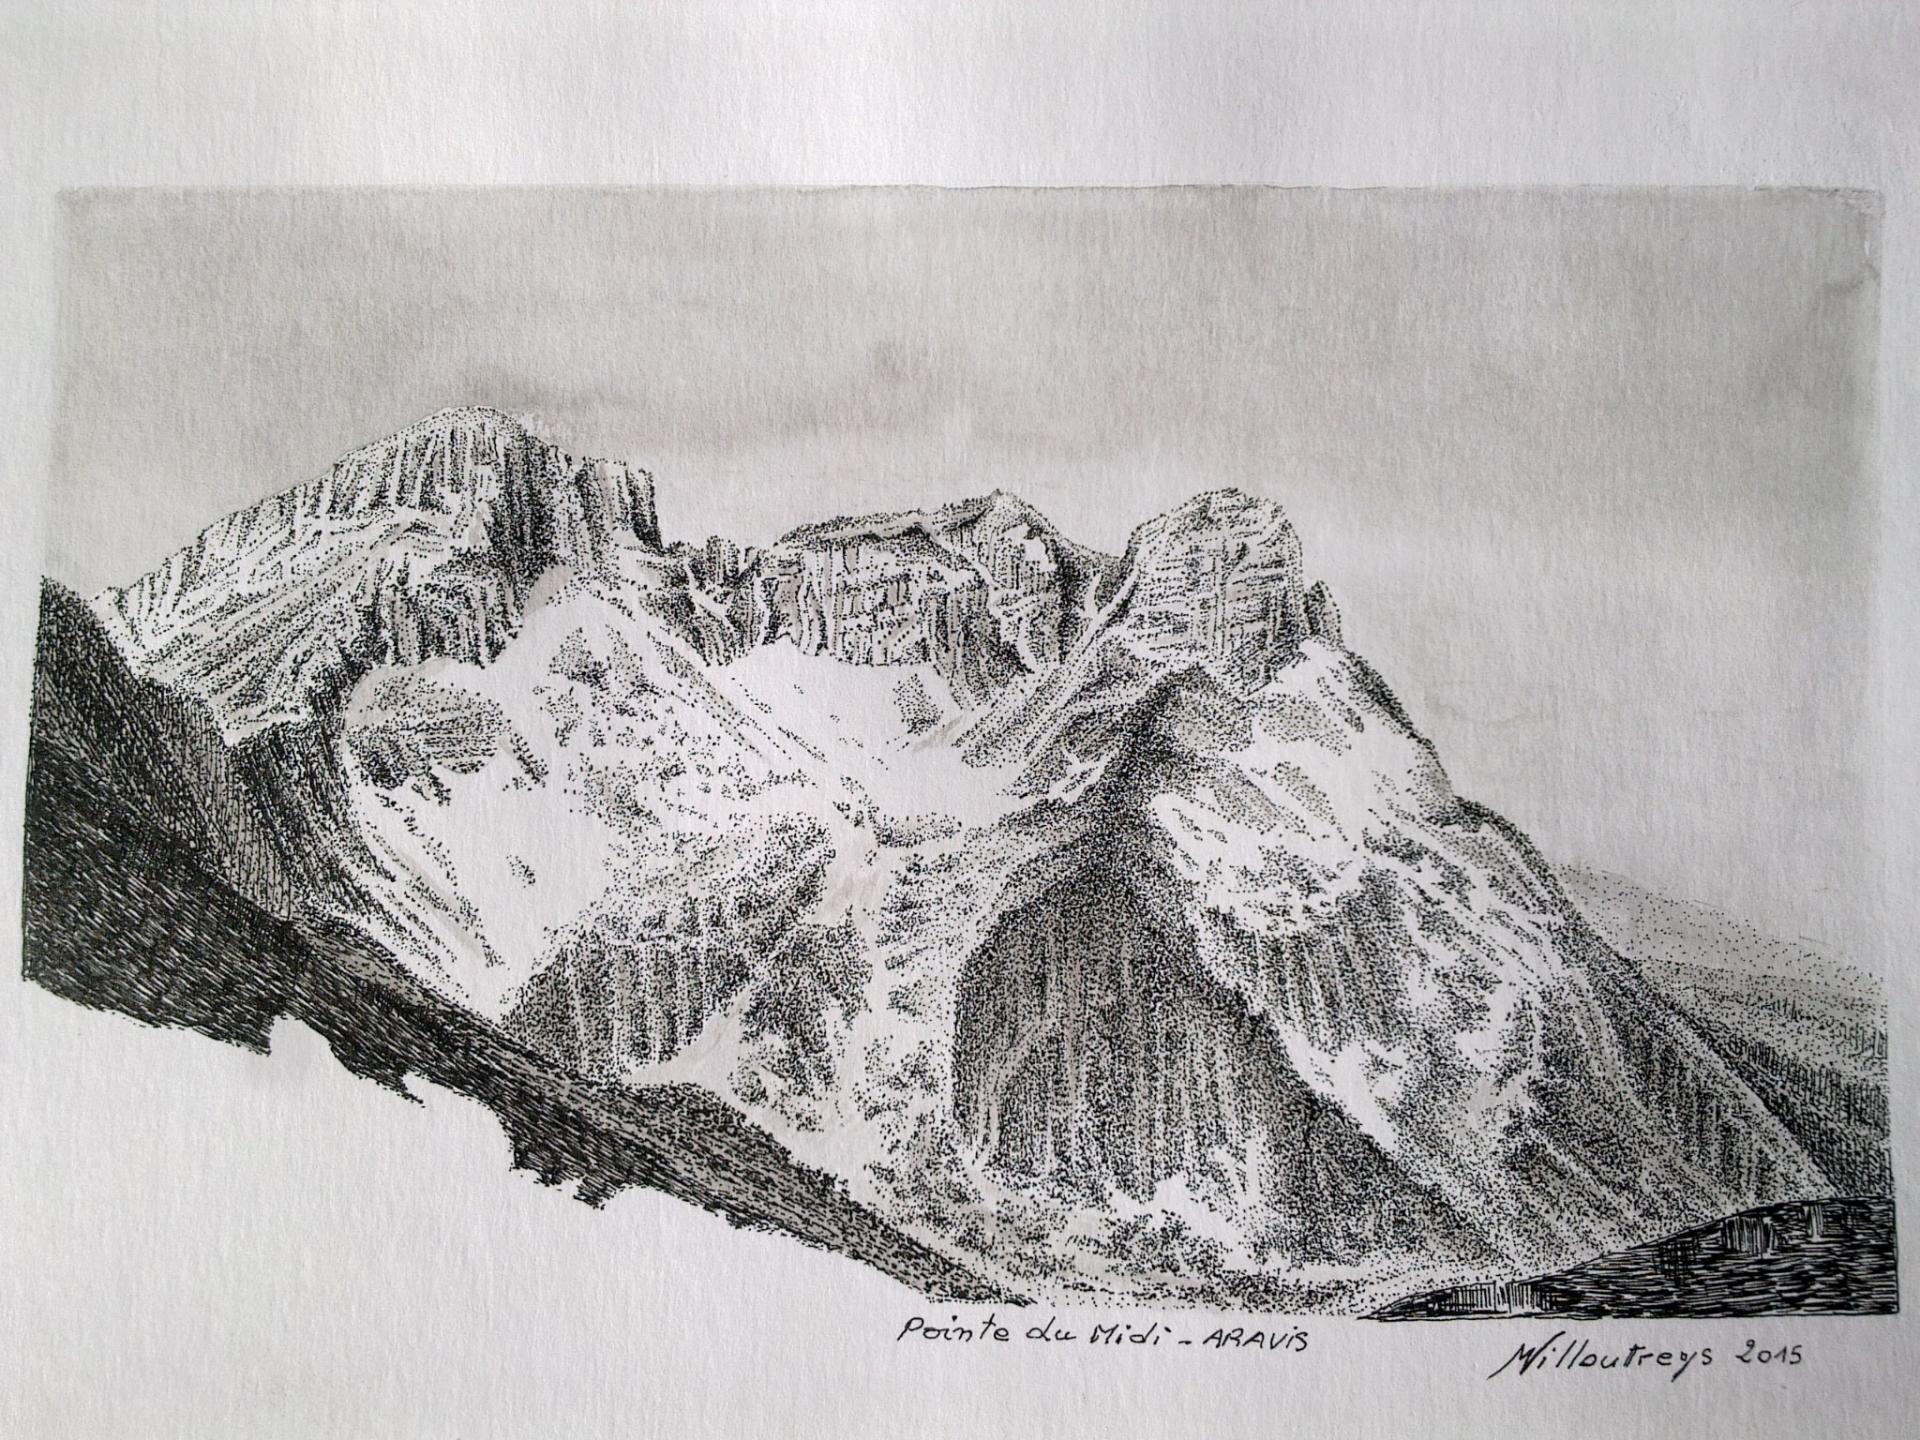 Pointe du Midi et Pointe de d'Zérat (Chaîne des Aravis)